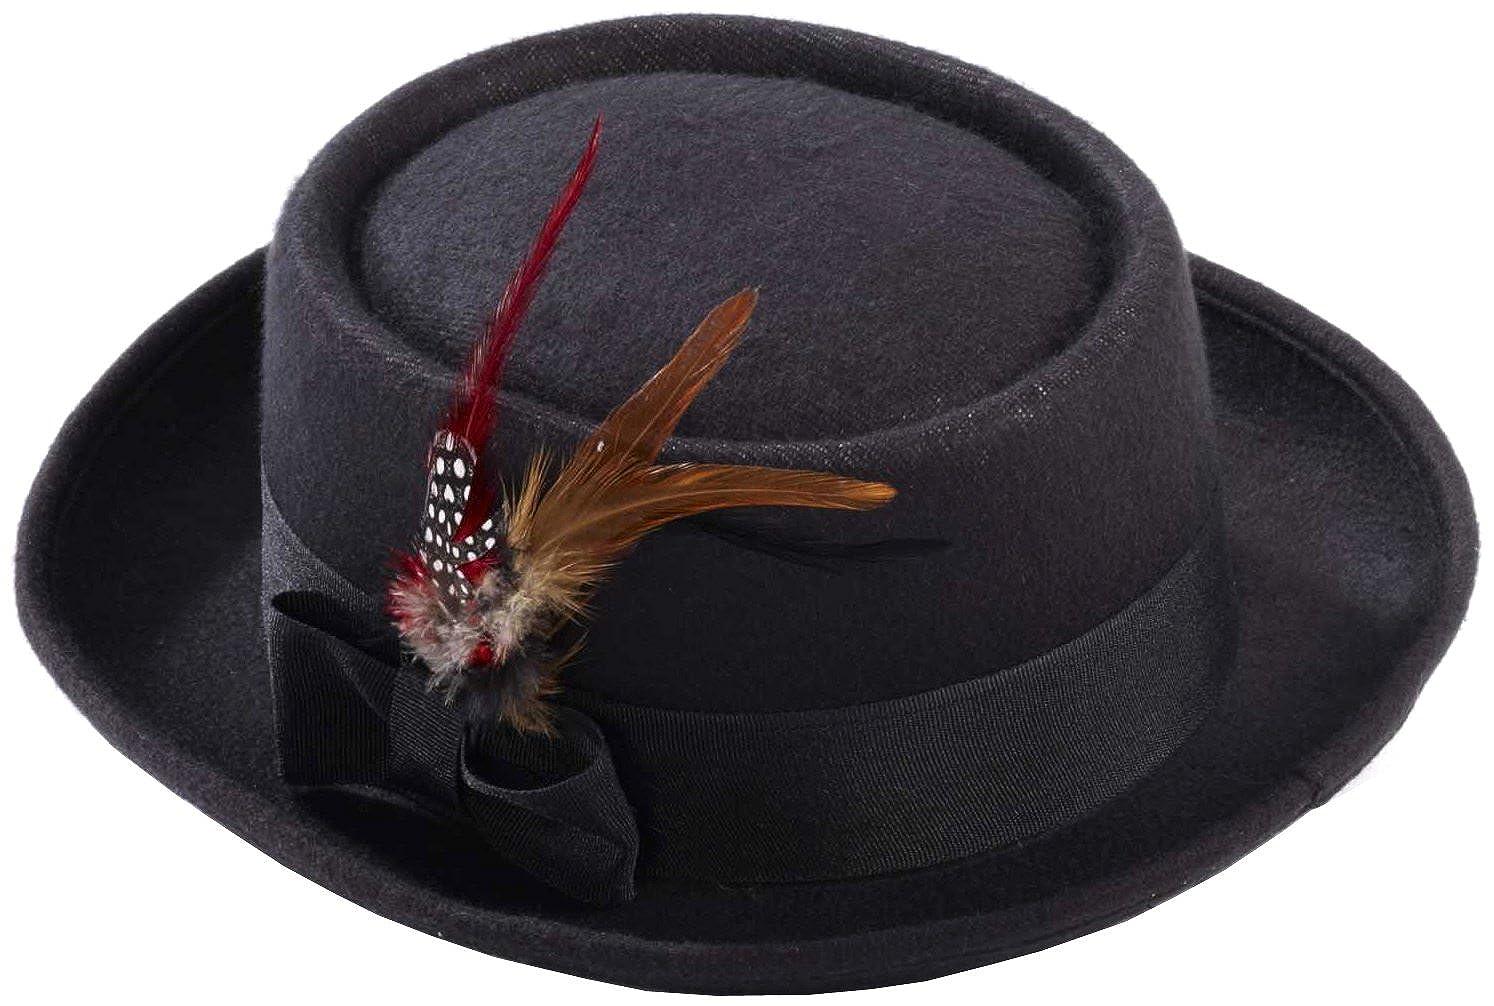 Forum Mens Novelty Deluxe Pork Pie Hat